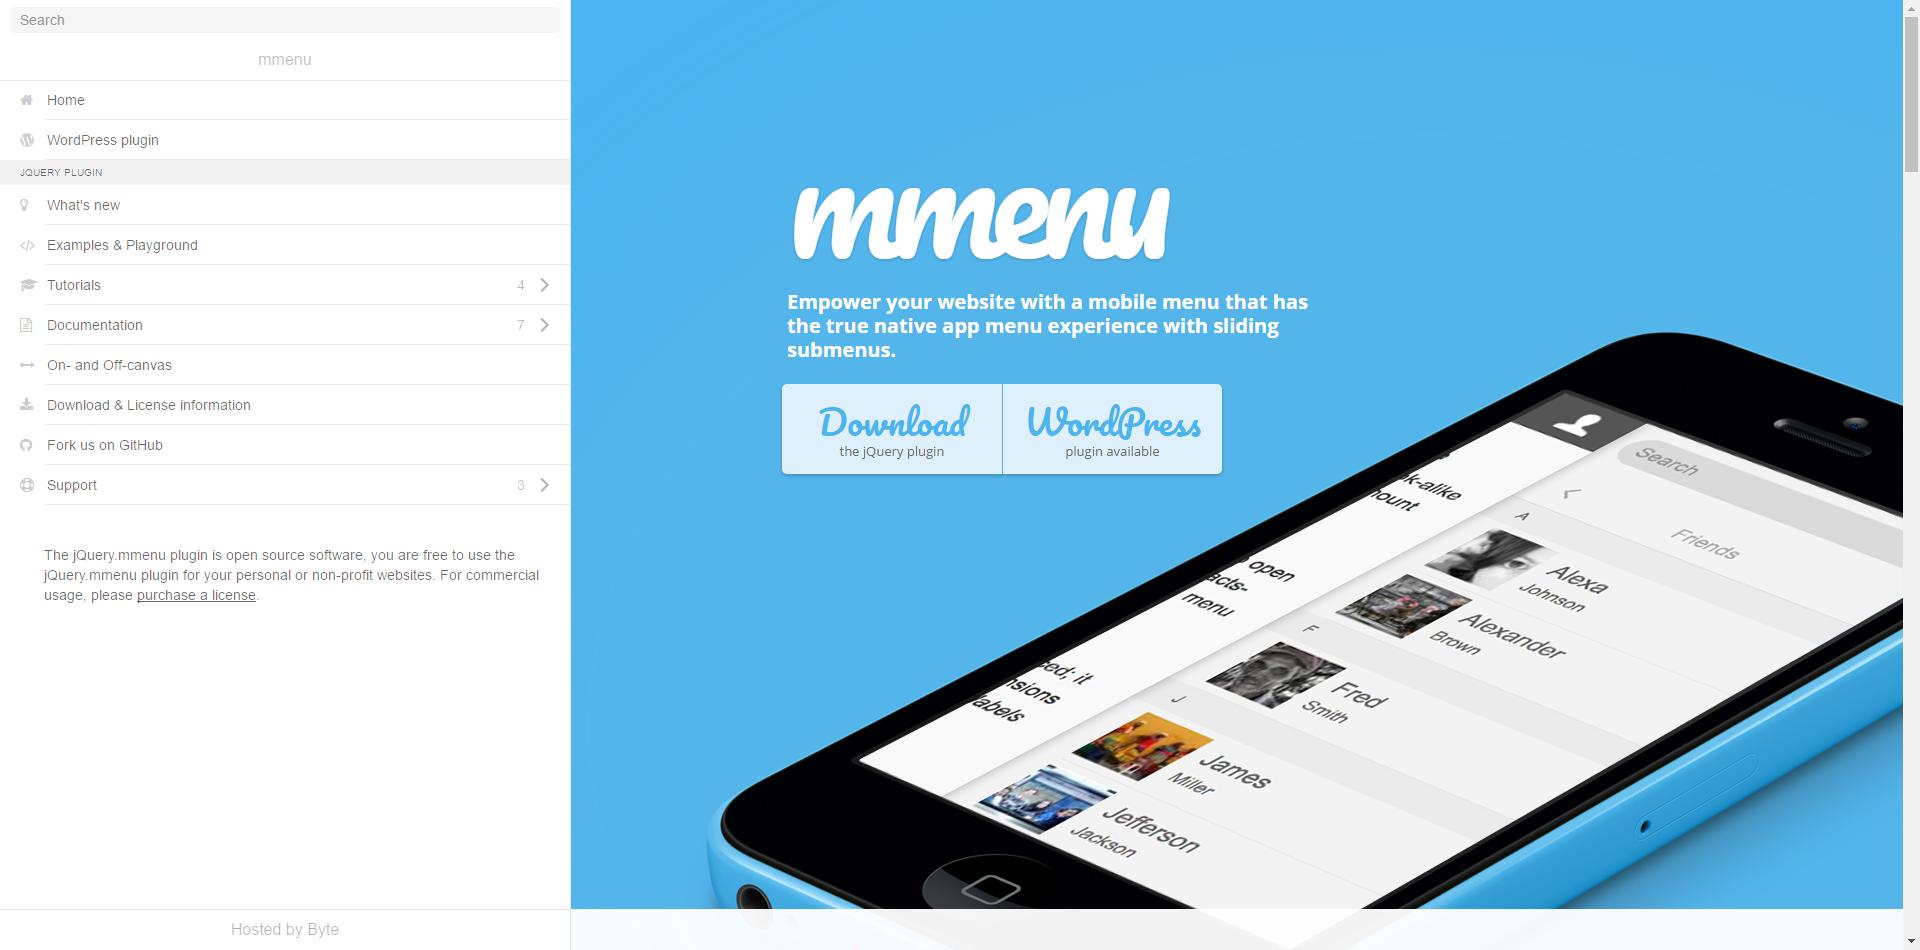 MMENU 공식 홈페이지 스크린샷